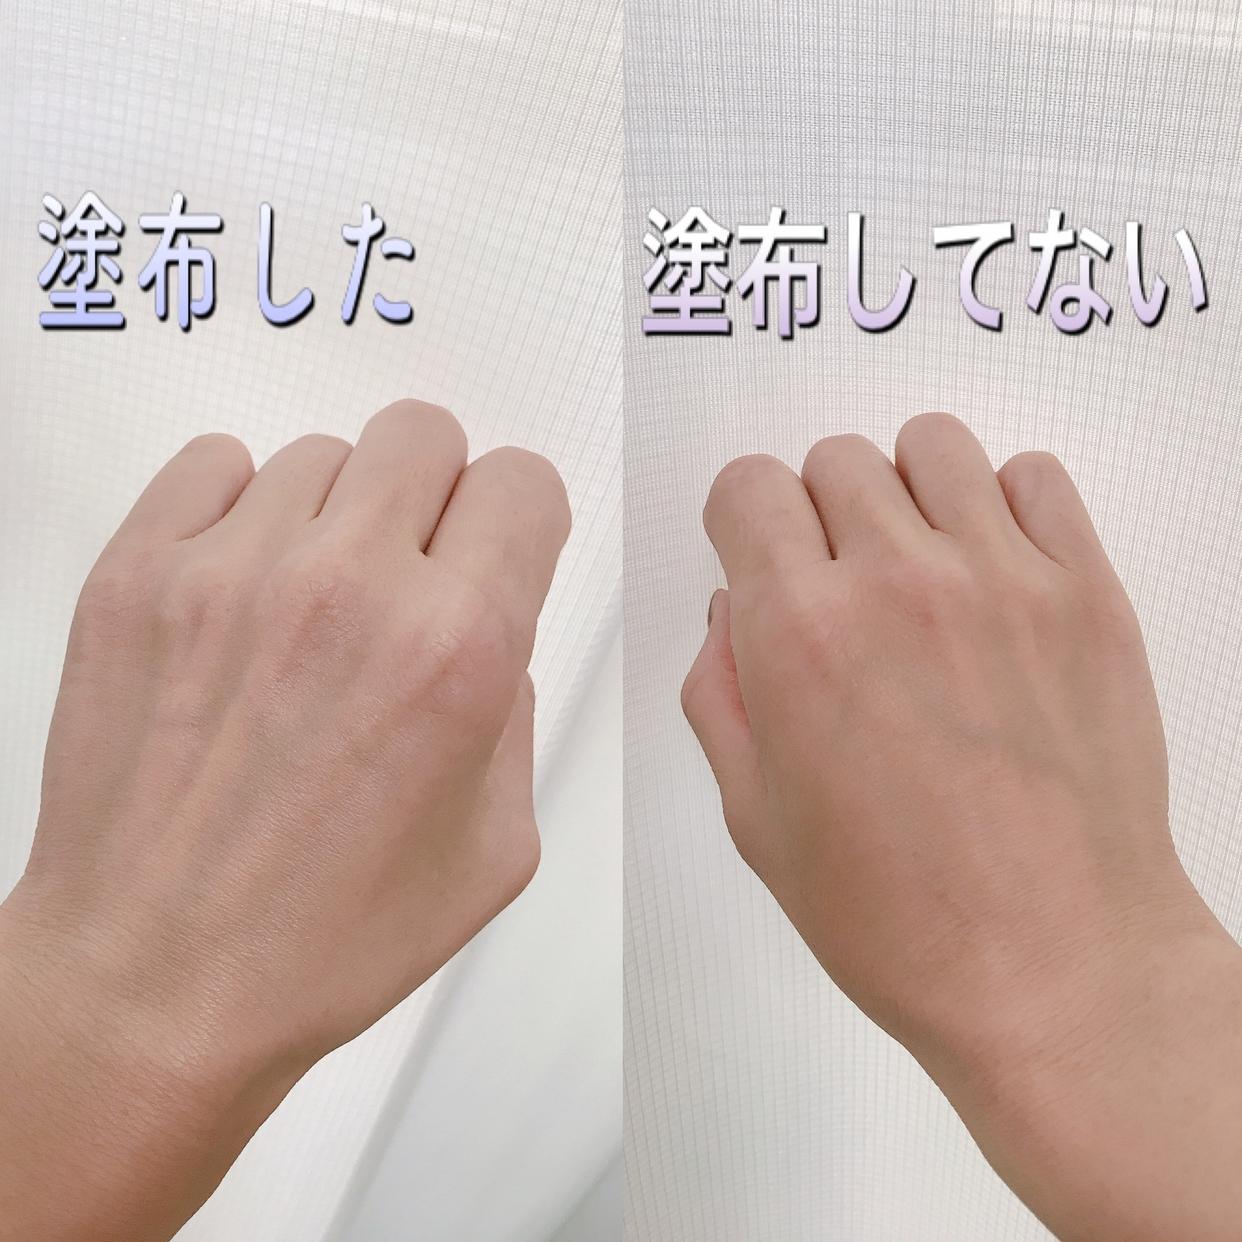 Bioré(ビオレ) UV アクアリッチ ライトアップエッセンスを使ったゆきさんのクチコミ画像3